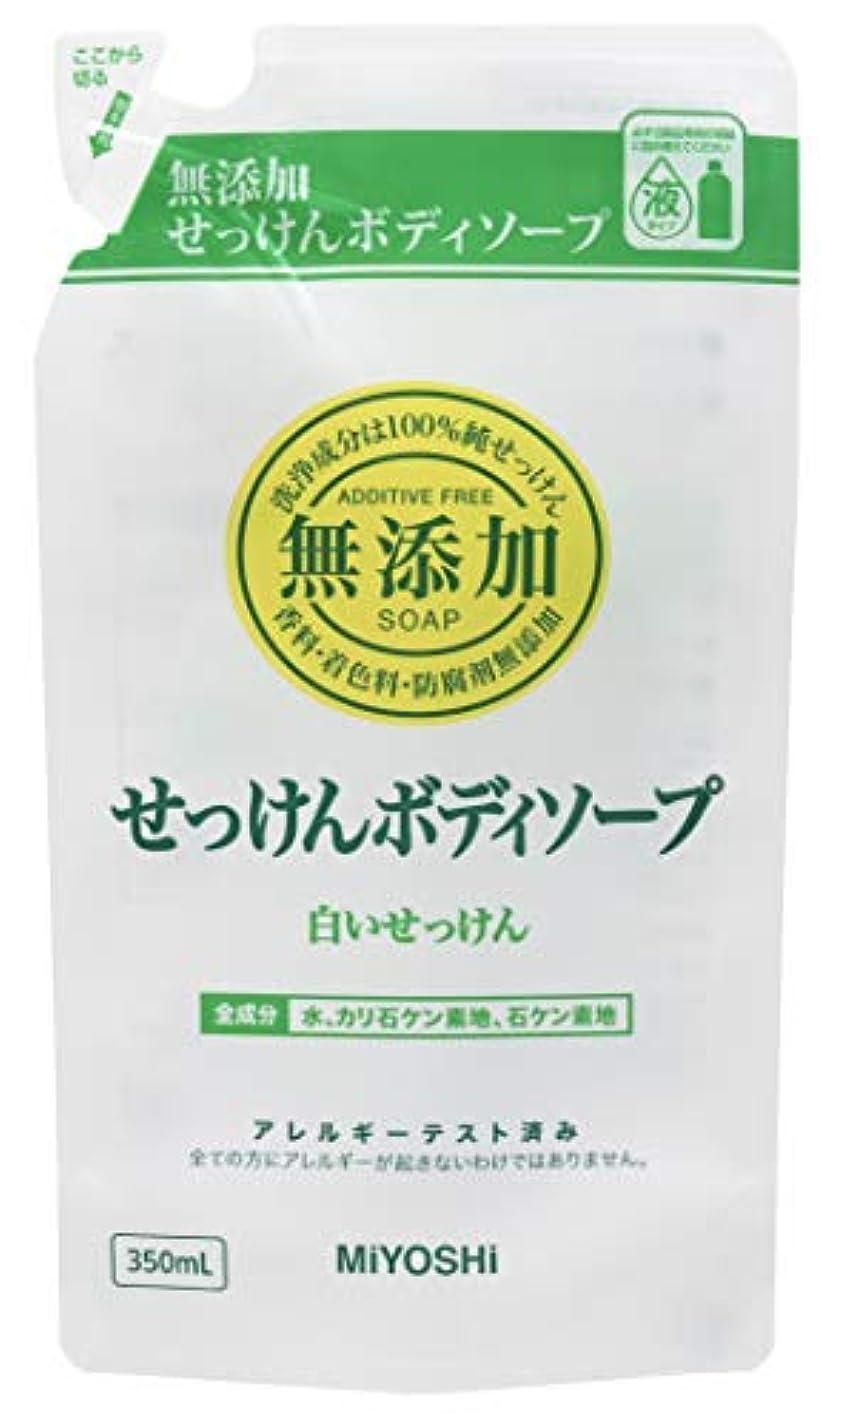 ライトニングシャッフルドル【セット品】無添加 ボディソープ 白いせっけん 詰替用 350ml ×2個セット